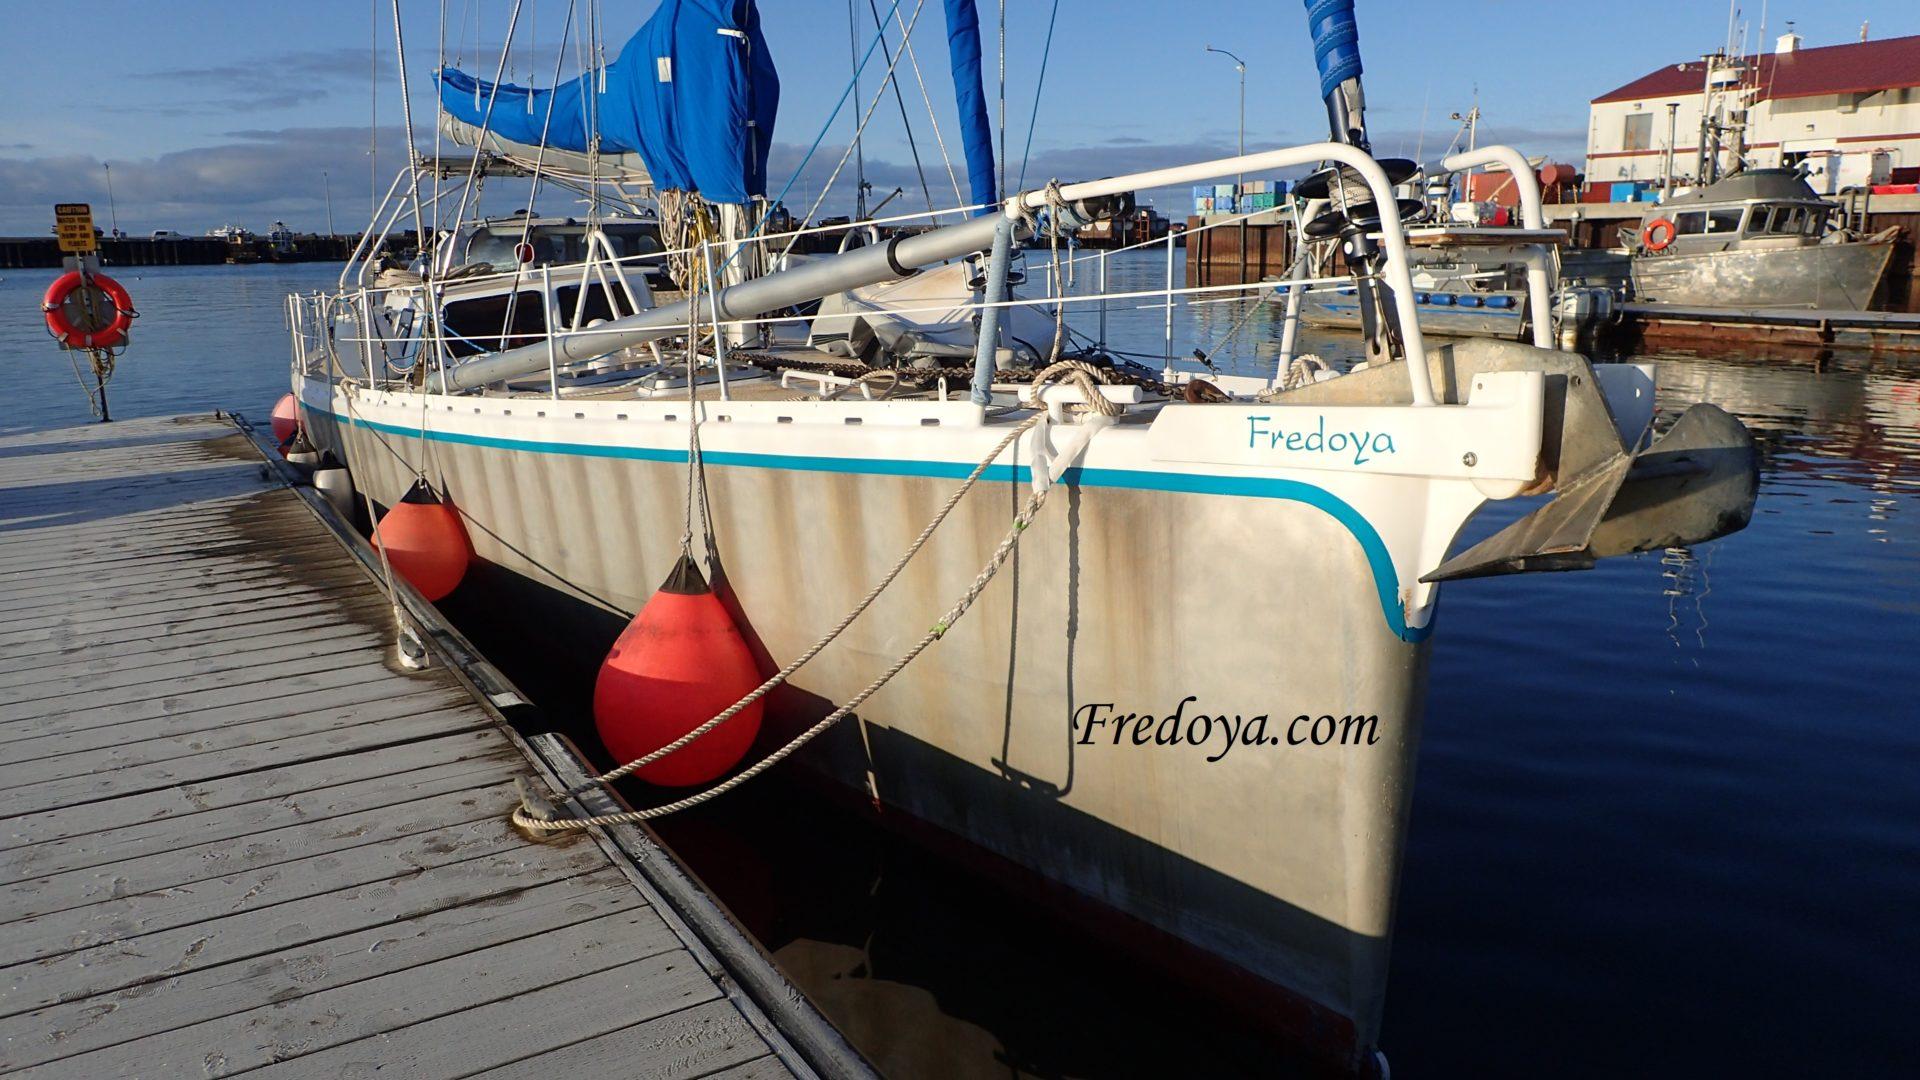 Fredoya